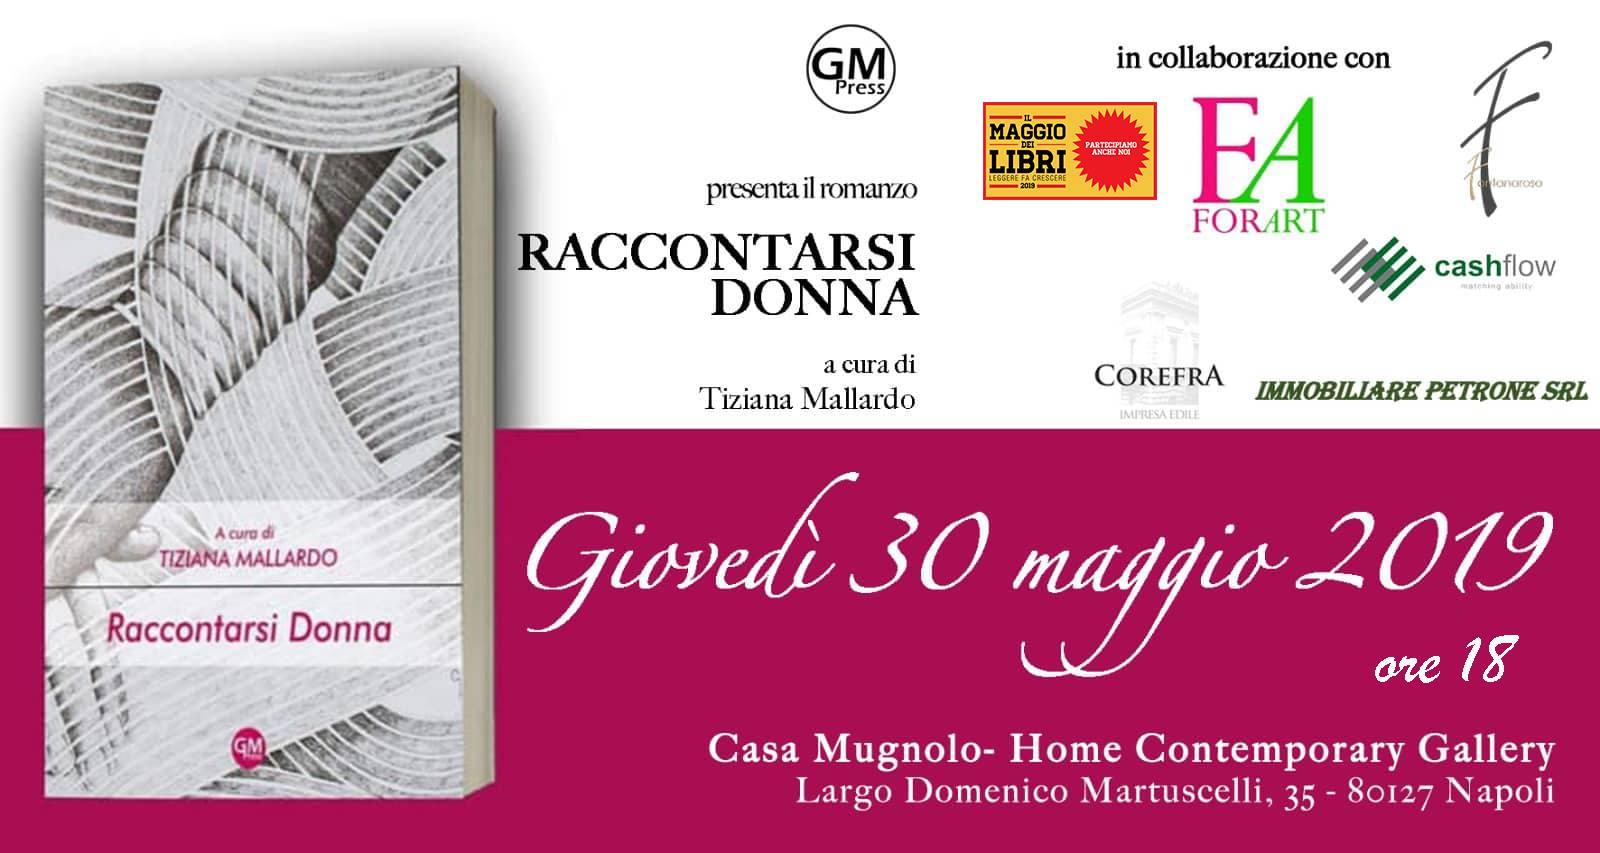 'Raccontarsi Donna' fa tappa a Napoli